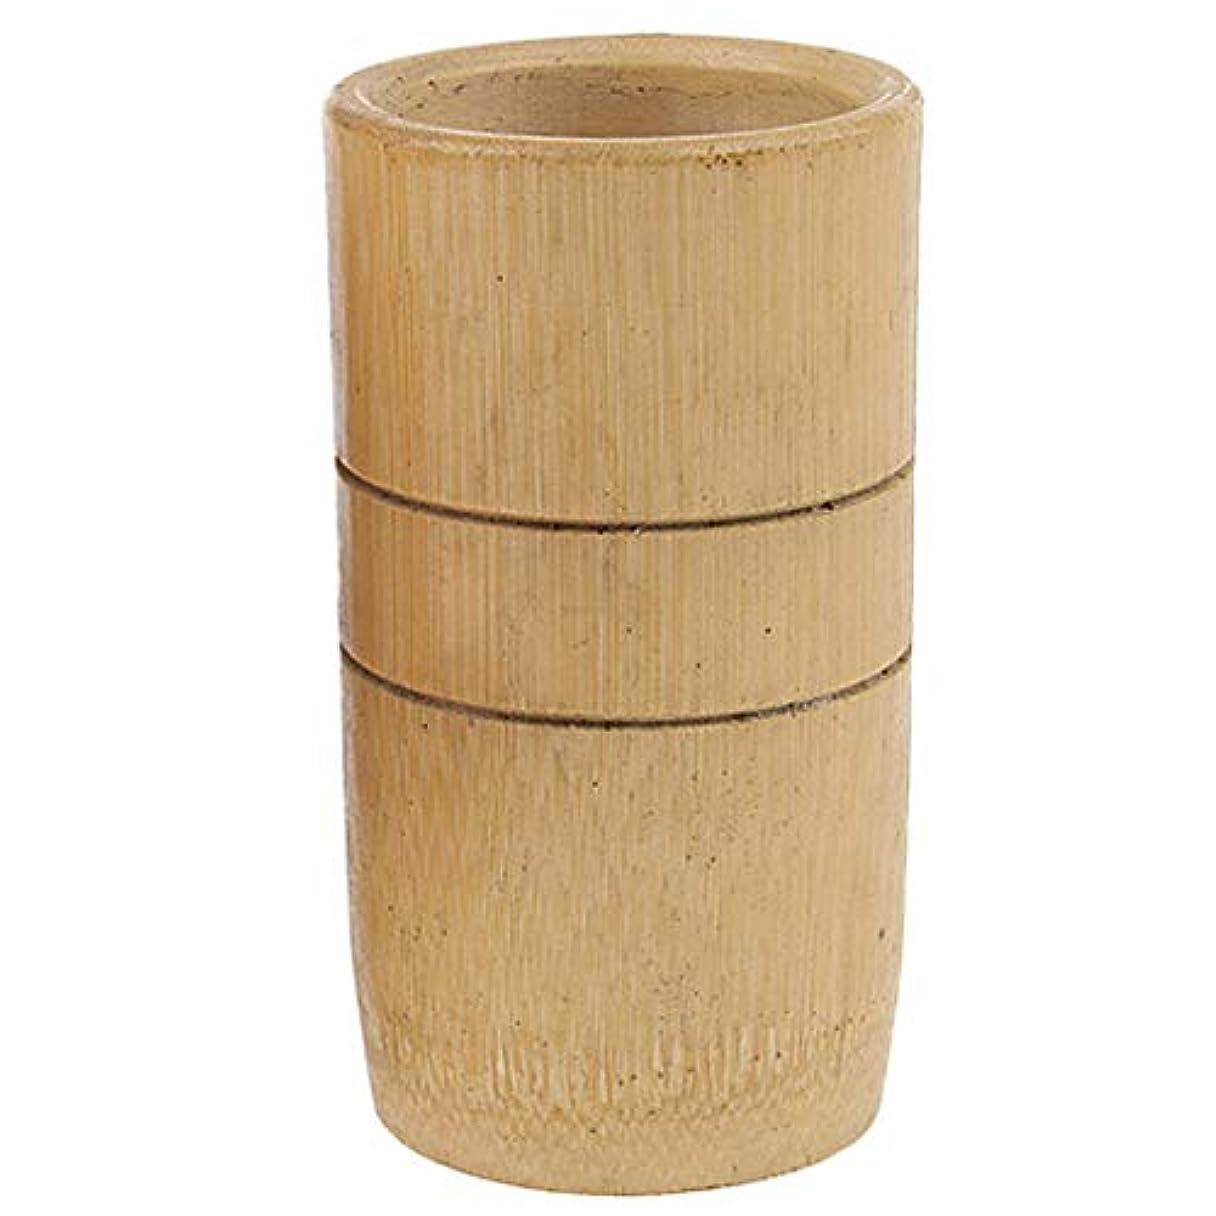 パークよろしくトレッドマッサージ吸い玉 カッピング マッサージカップ 天然竹製 ユニセックス 2個入